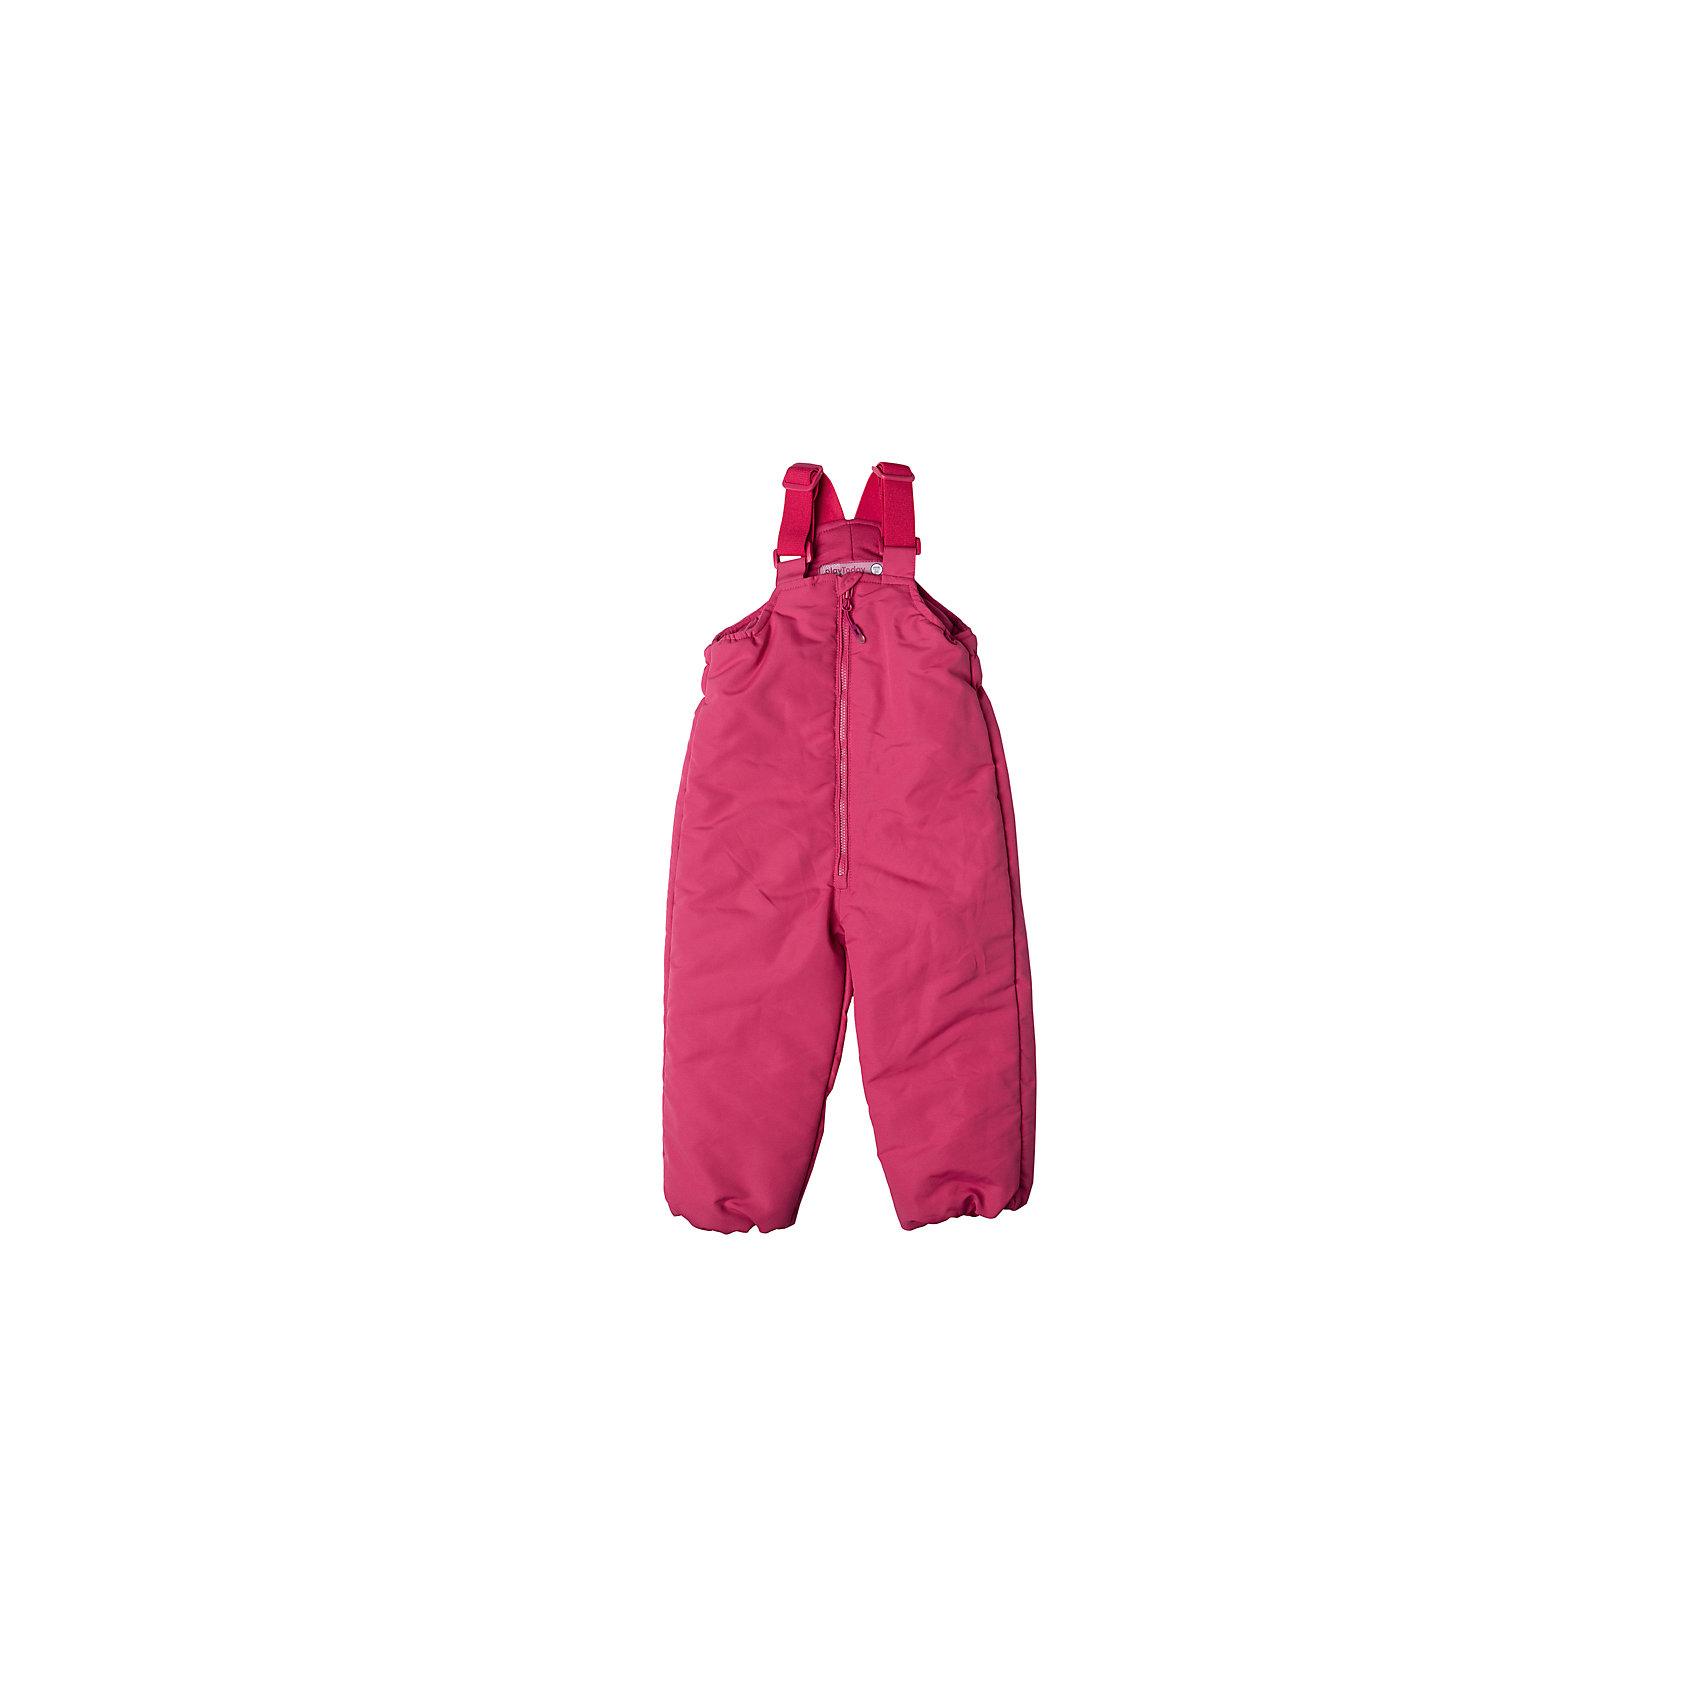 Полукомбинезон для девочки PlayTodayВерхняя одежда<br>Полукомбинезон для девочки PlayToday<br>Утепленный полукомбинезон прекрасно подойдет для холодной ветреной погоды. Модель на поясе с широкой резинкой для дополнительного сохранения тепла. Регулируемые широкие бретели позволят подогнать полукомбинезон по росту ребенка.  Модель снабжена светоотражающими элемантами. Ваш ребенок будет виден в темное время суток.Преимущества: СветоотражателиНа поясе широкая резинкаРегулируемые бретели<br>Состав:<br>Верх: 100% полиэстер, подкладка: 80% хлопок, 20% полиэстер, Утеплитель 100% полиэстер, 150 г/м2<br><br>Ширина мм: 215<br>Глубина мм: 88<br>Высота мм: 191<br>Вес г: 336<br>Цвет: розовый<br>Возраст от месяцев: 18<br>Возраст до месяцев: 24<br>Пол: Женский<br>Возраст: Детский<br>Размер: 92,74,80,86<br>SKU: 5408223